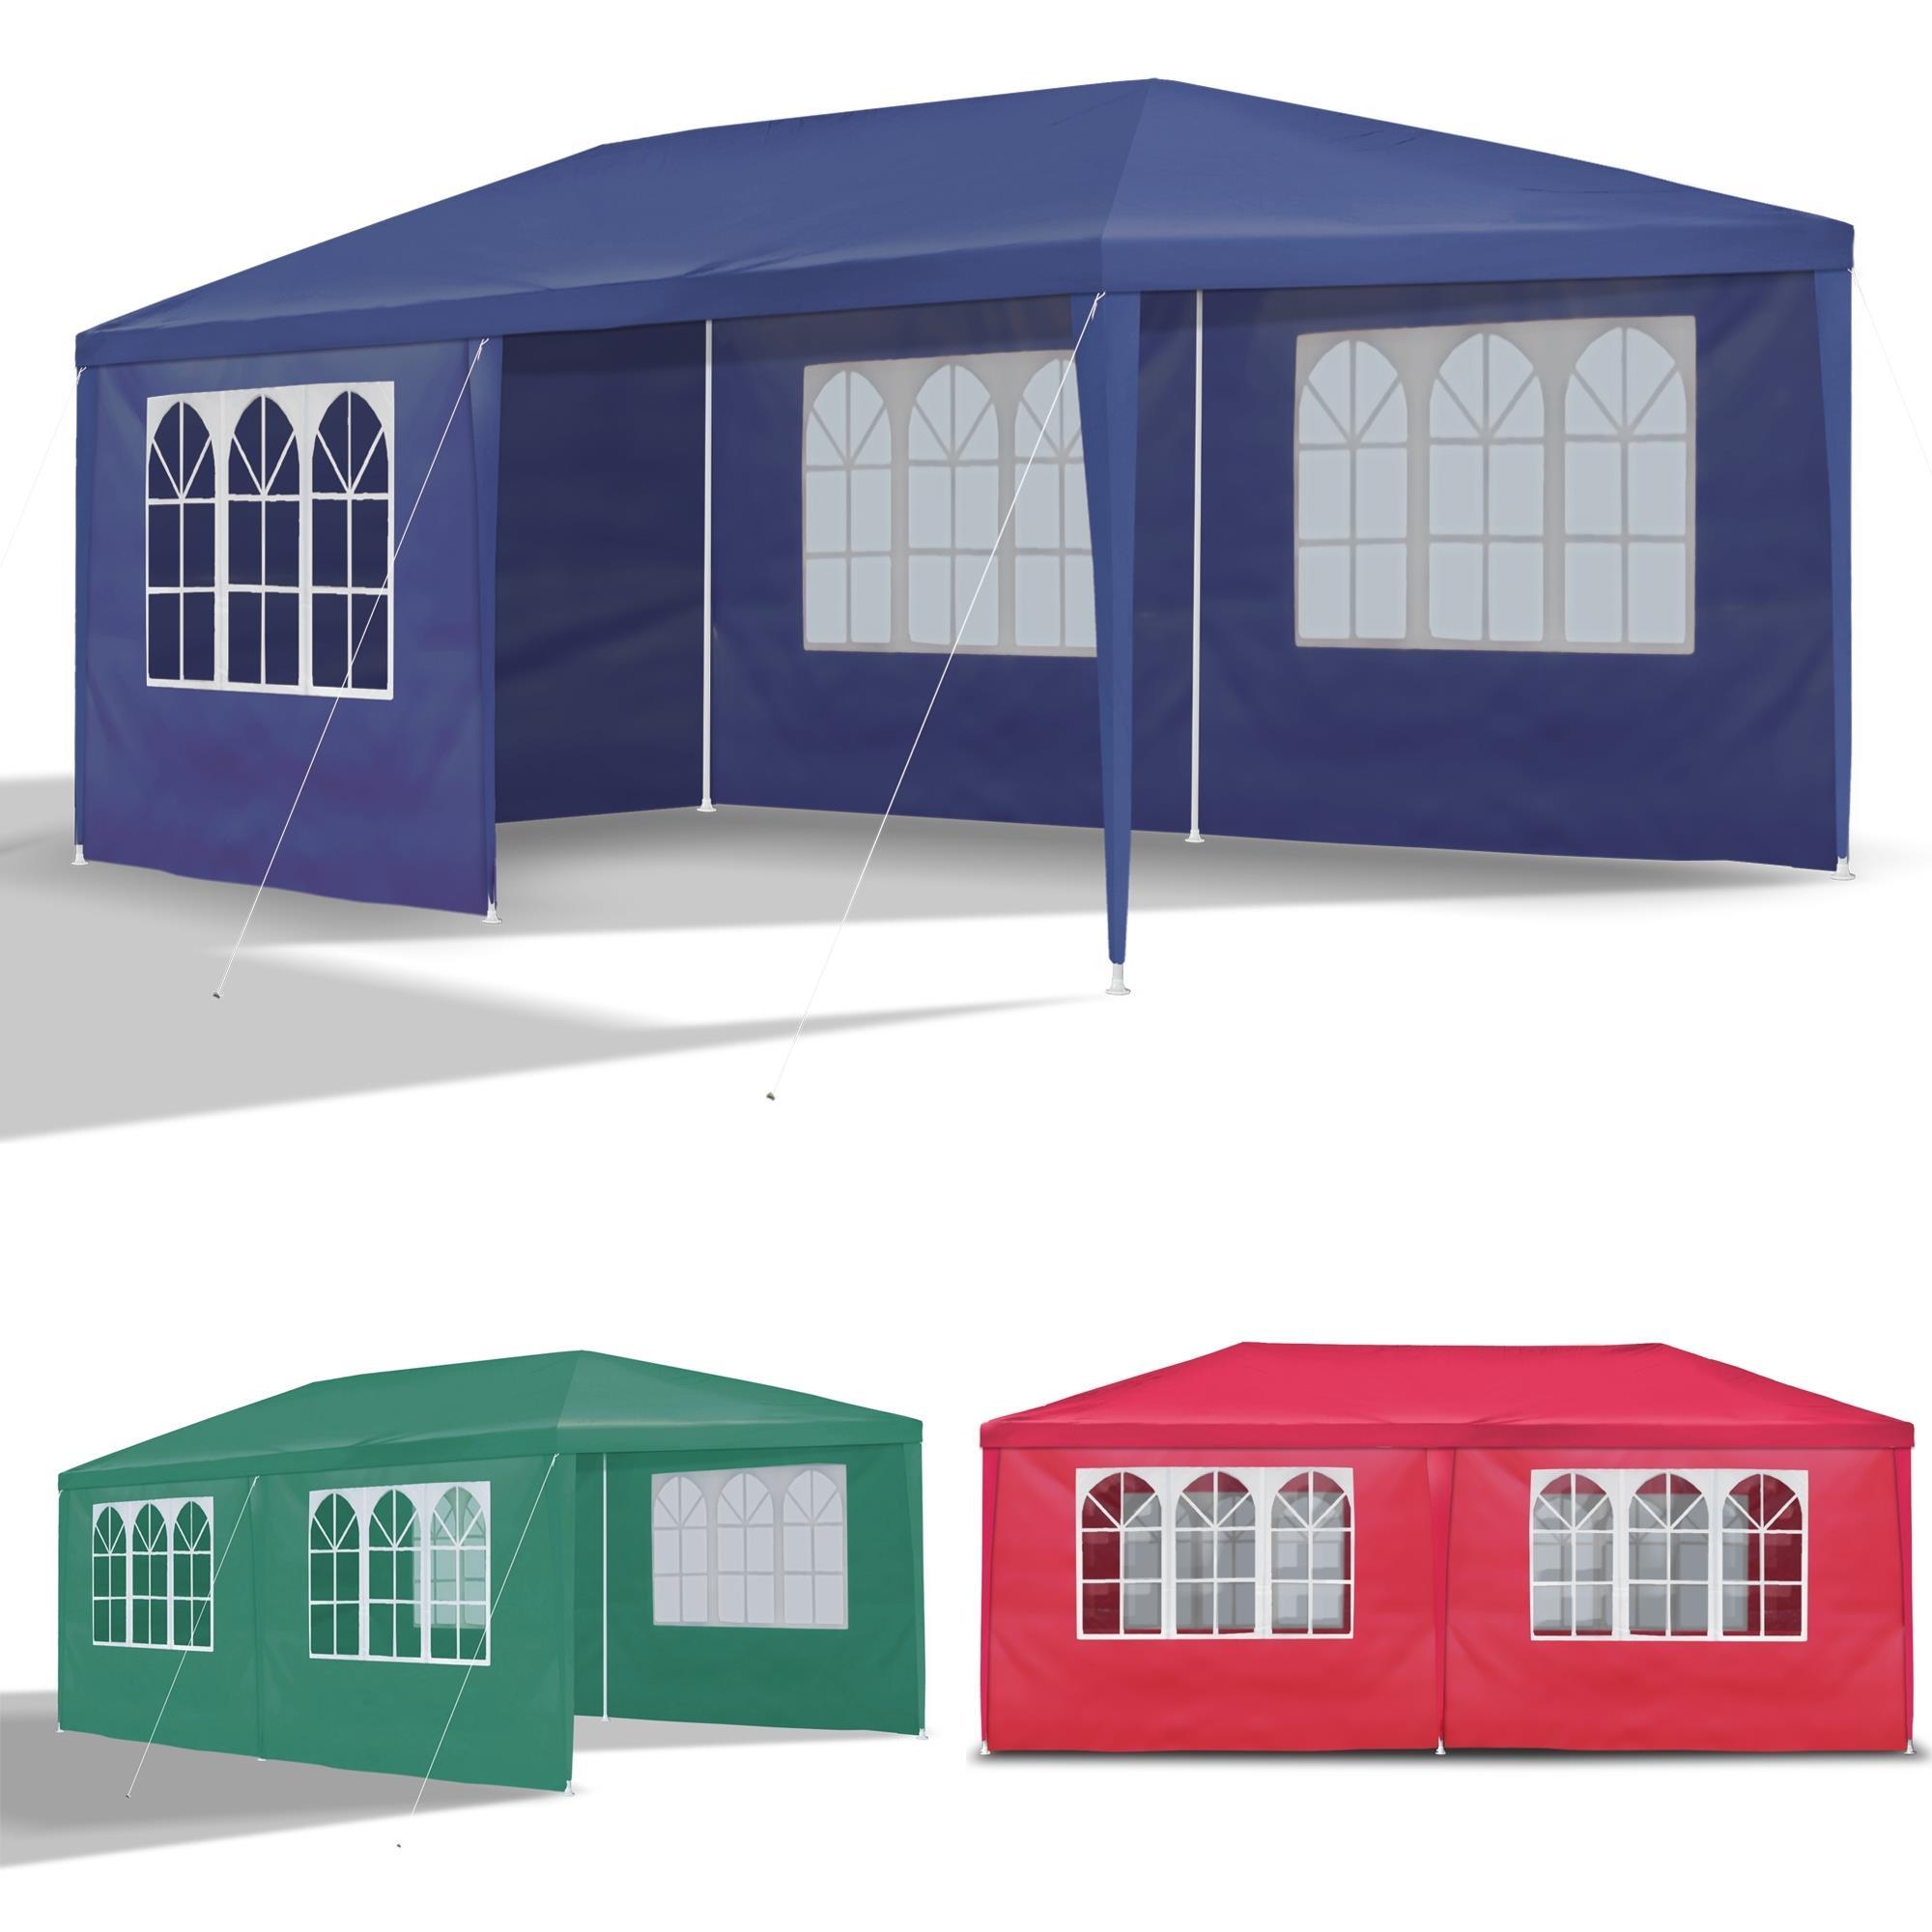 3x6m party zelt garten pavillion pavillon gr n mit seitenw nde wasserdicht ebay. Black Bedroom Furniture Sets. Home Design Ideas